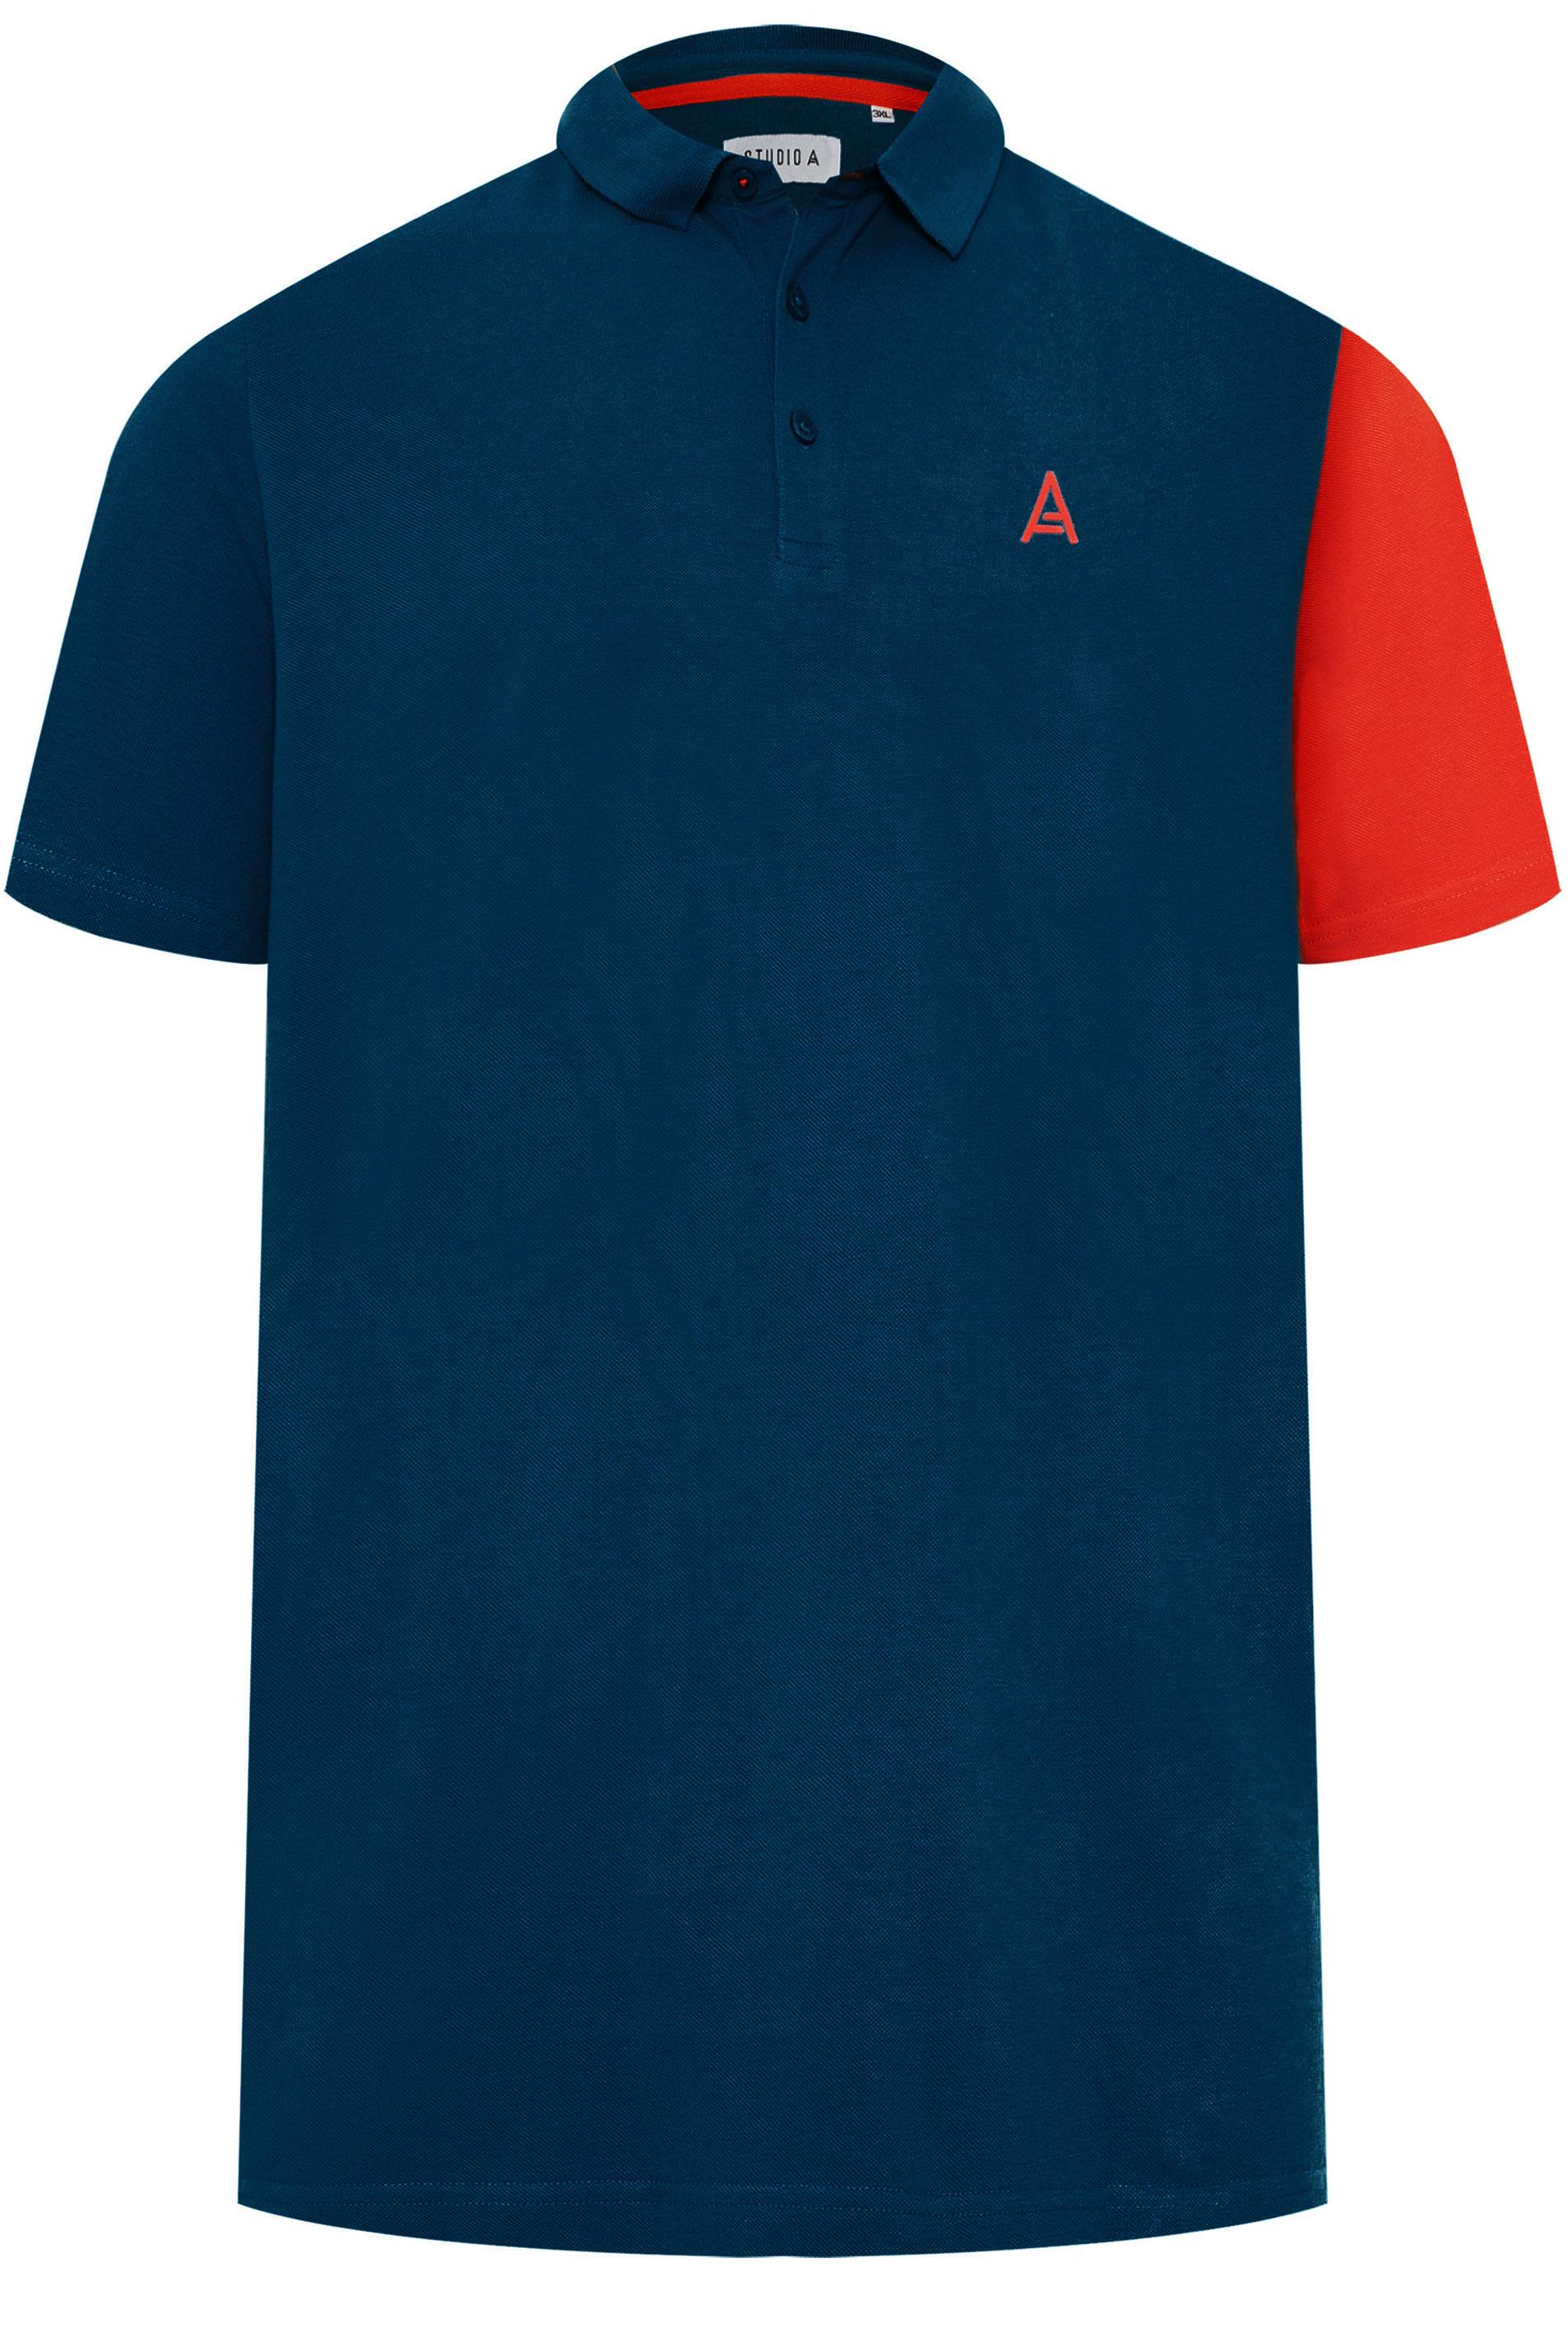 STUDIO A Navy & Red Colour Block Polo Shirt